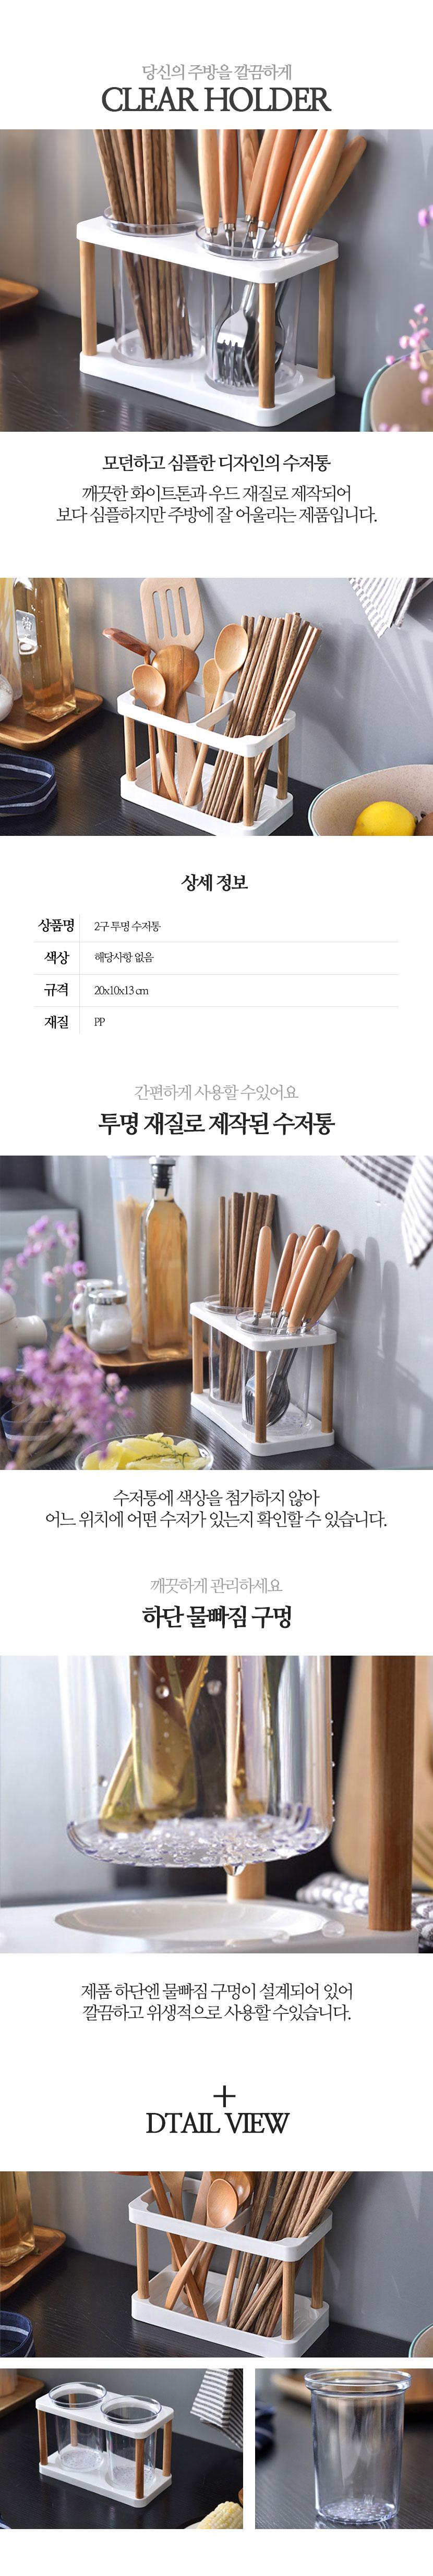 심플 2구 투명 수저통 - 룸바이디자인, 17,400원, 주방정리용품, 컵 꽂이/걸이